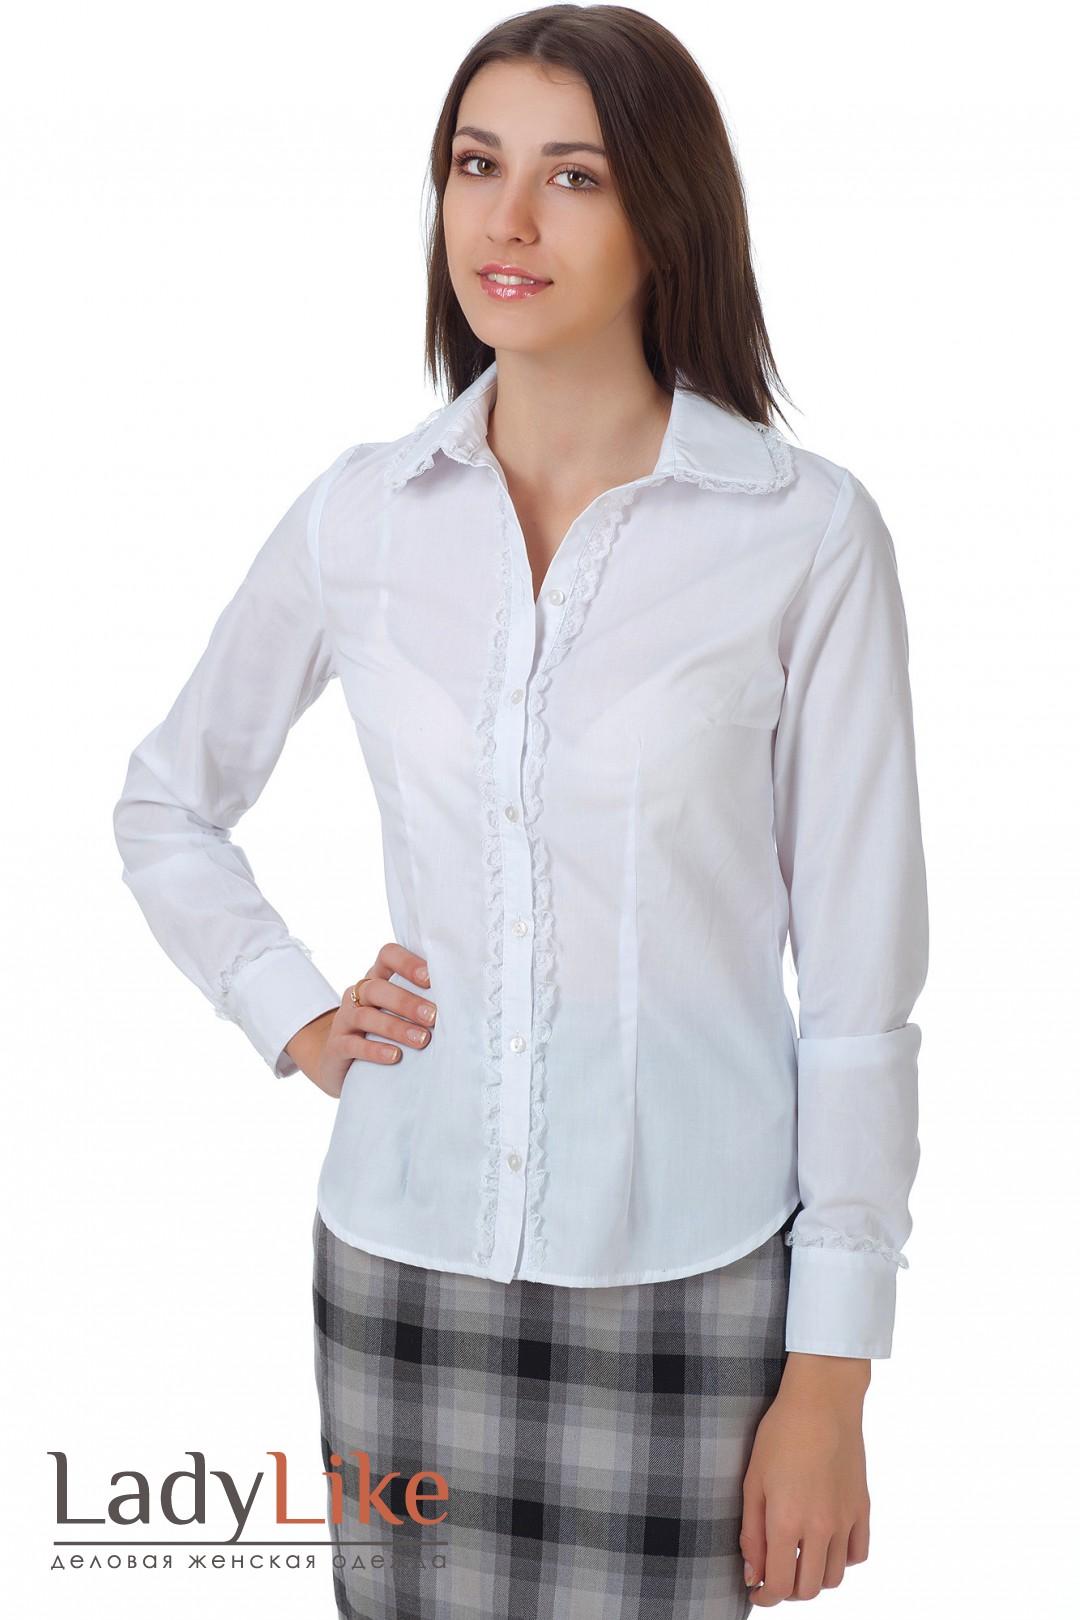 Классическая блузка с доставкой